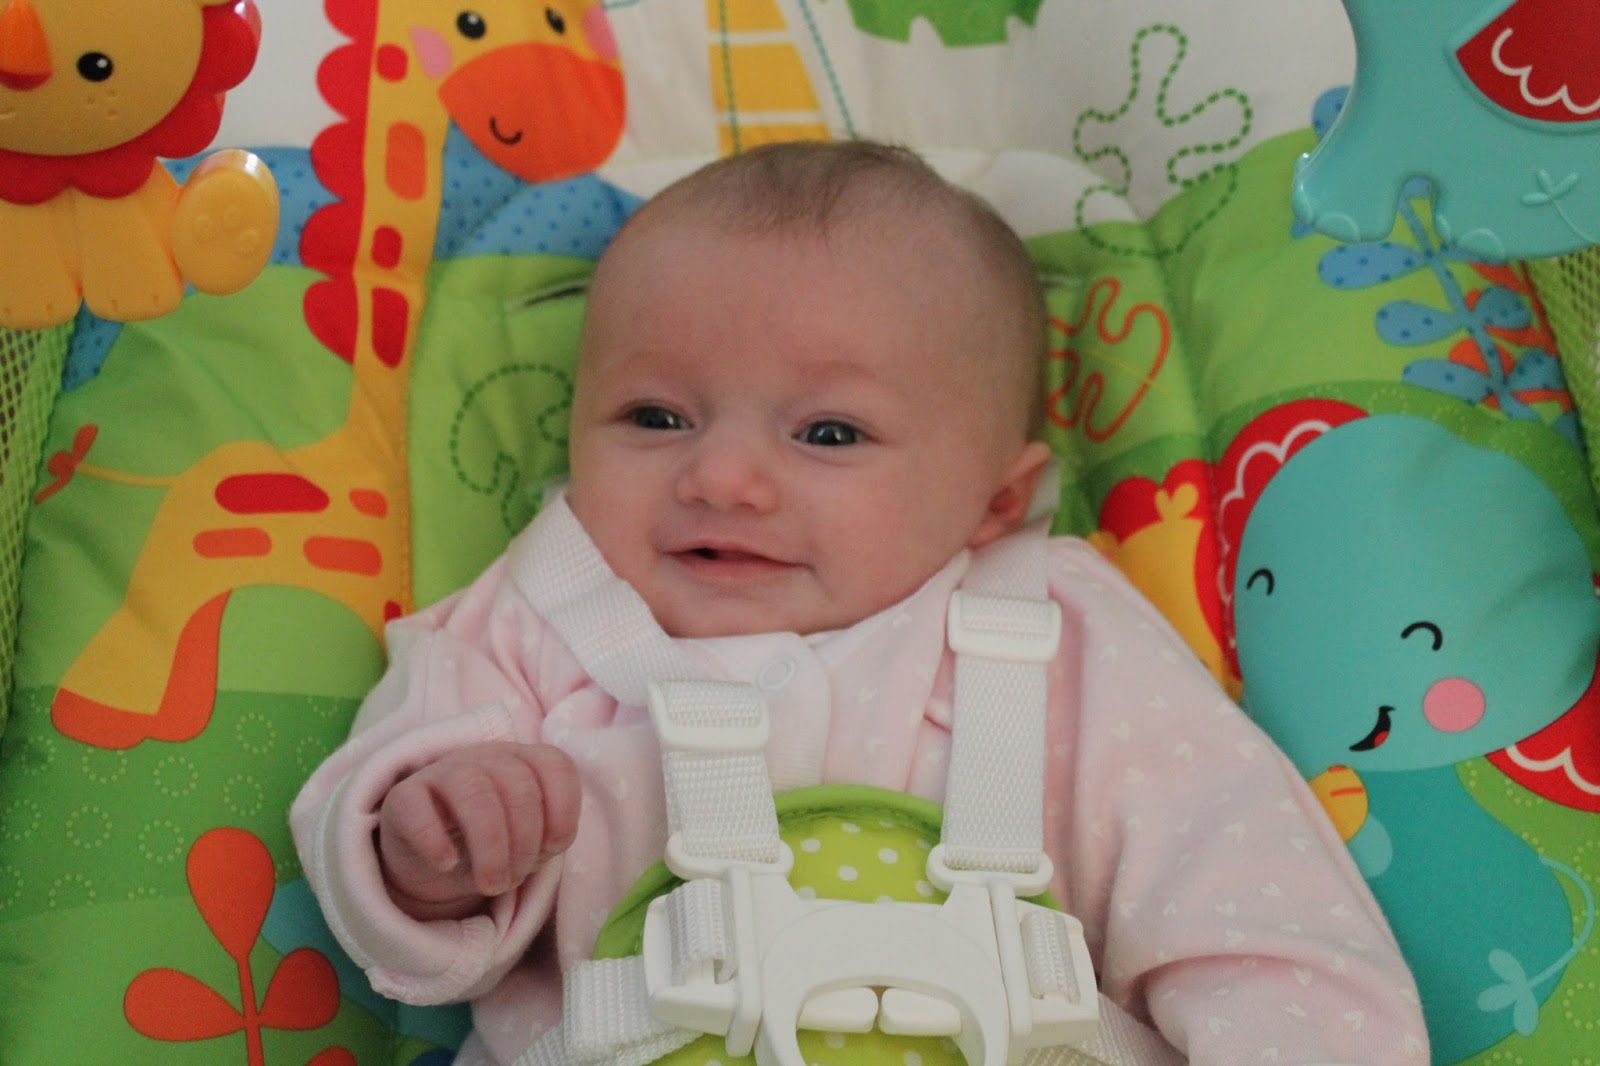 Baby using Fisher Price Swing